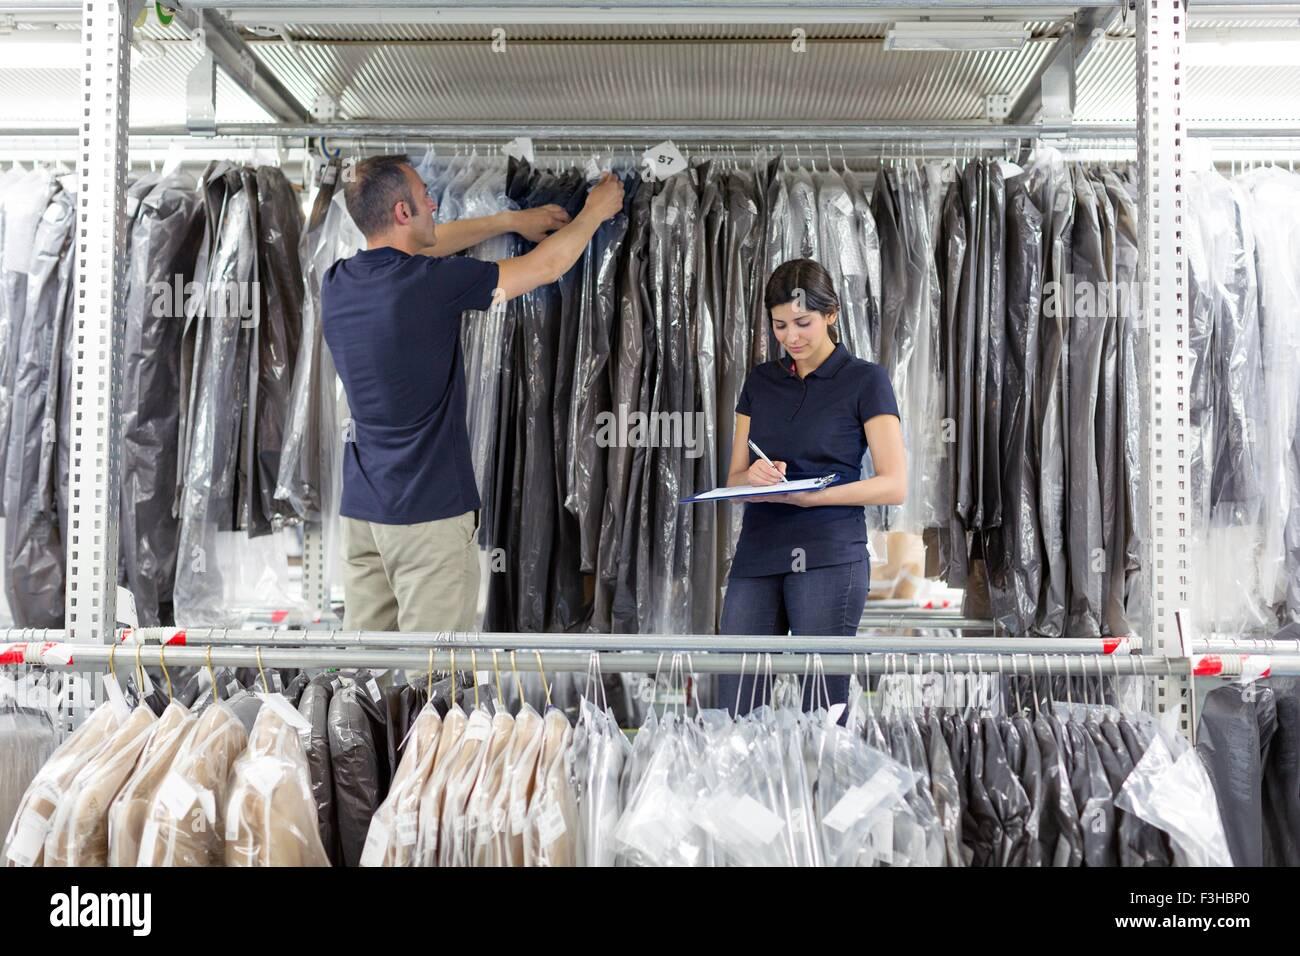 Deux travailleurs d'entrepôt entrepôt de distribution de vêtements en préparation Photo Stock